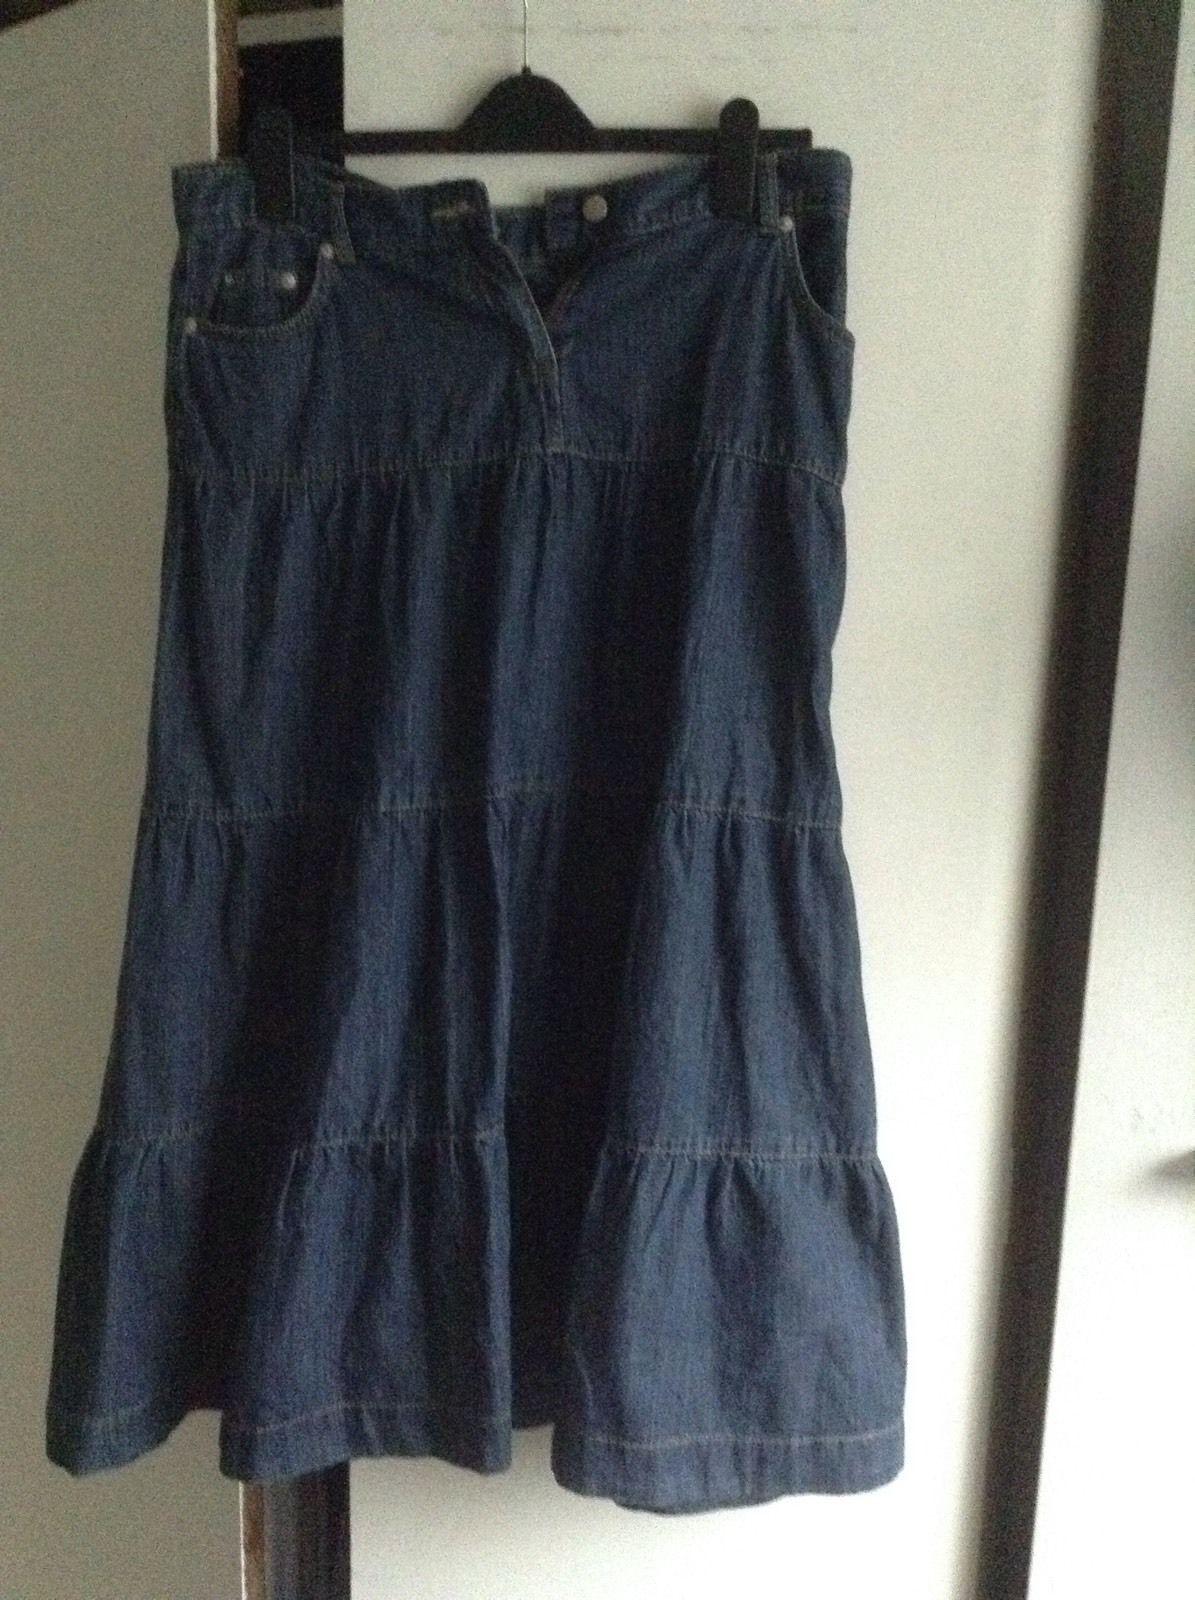 Tiered Denim Skirt Size 14 | eBay | Fashion & Clothing: 21st ...